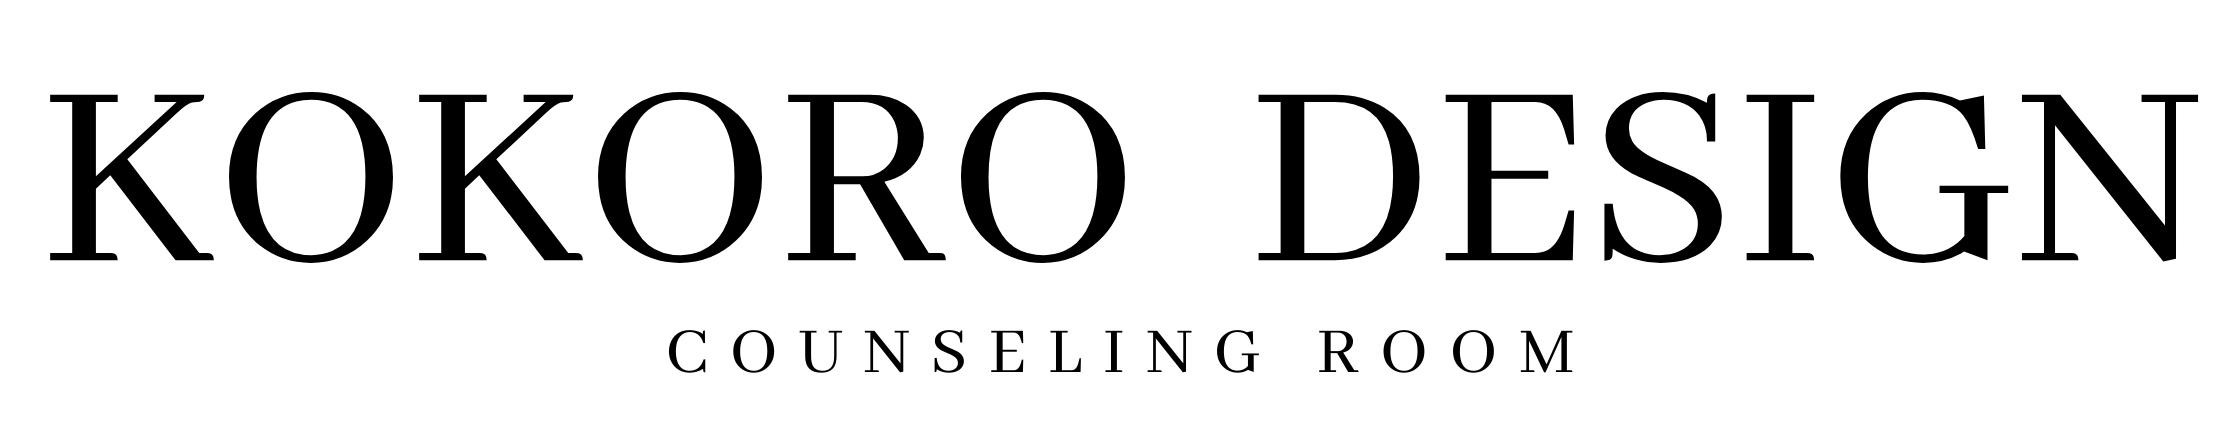 うつ・パニック障害・自律神経失調症・ペットロスのカウンセリングルーム「ココロデザイン」